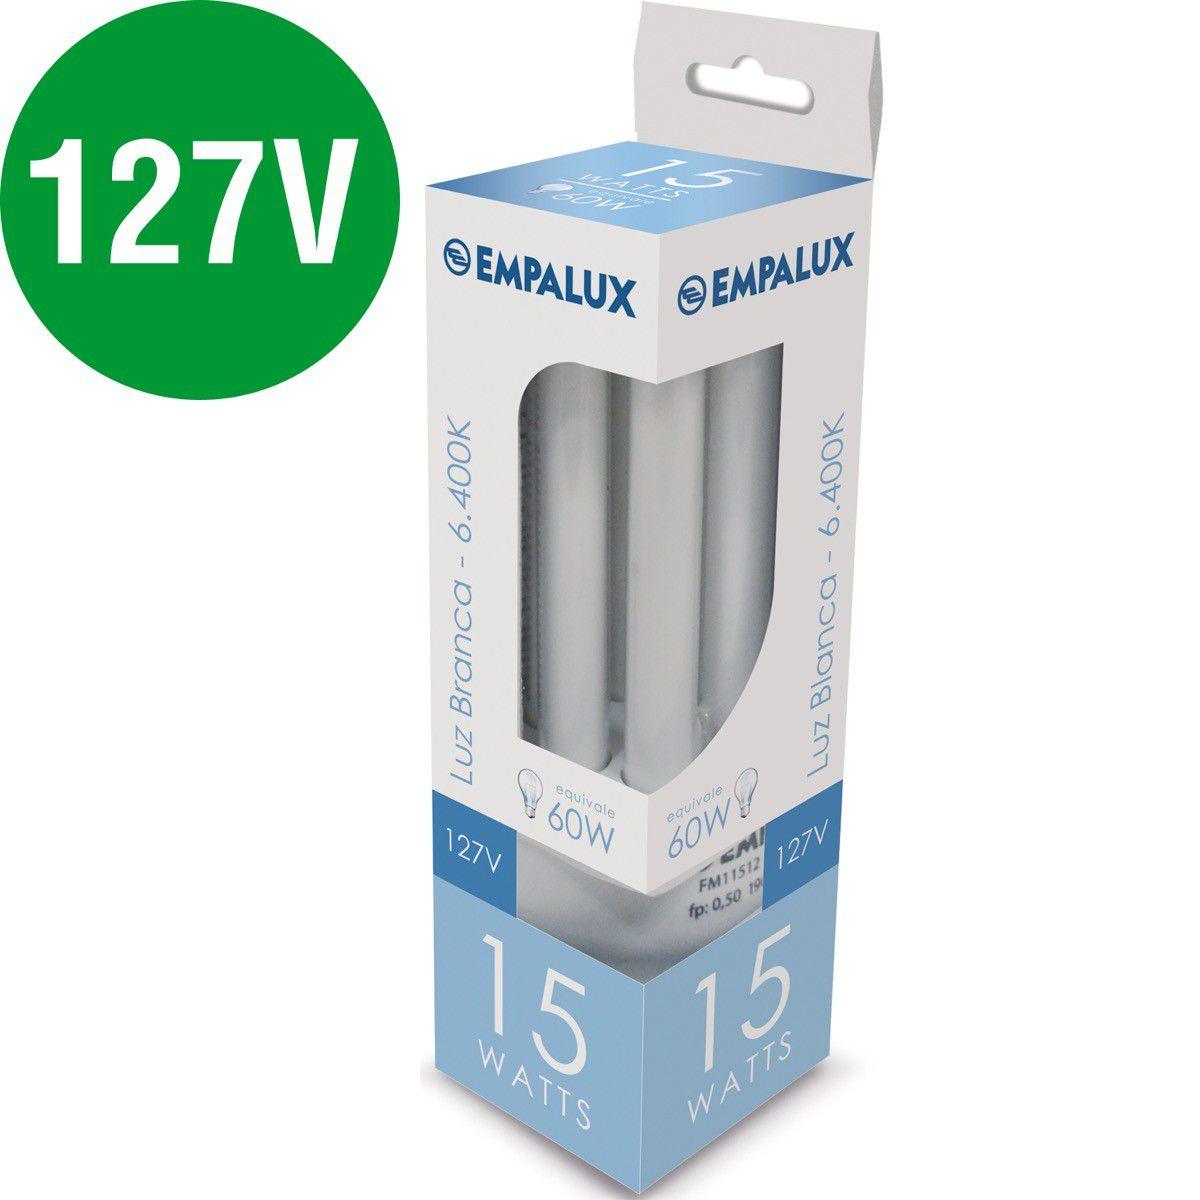 Lampada Fluorescente Super Compacta 15W 127V Empalux Cx/12